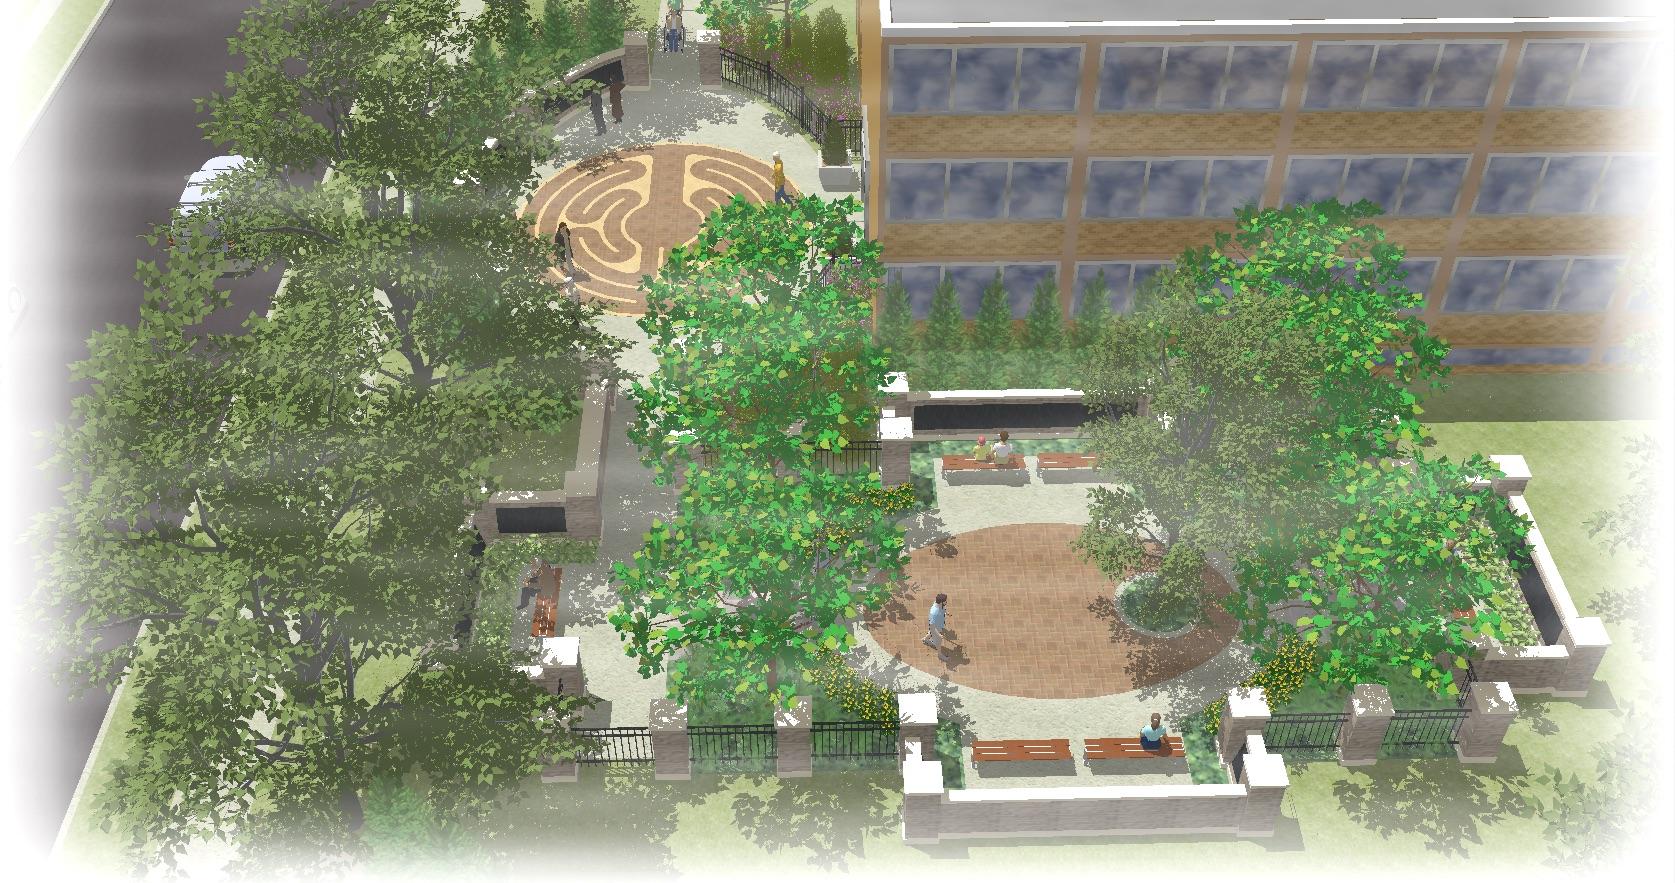 Hospice Memorial Garden